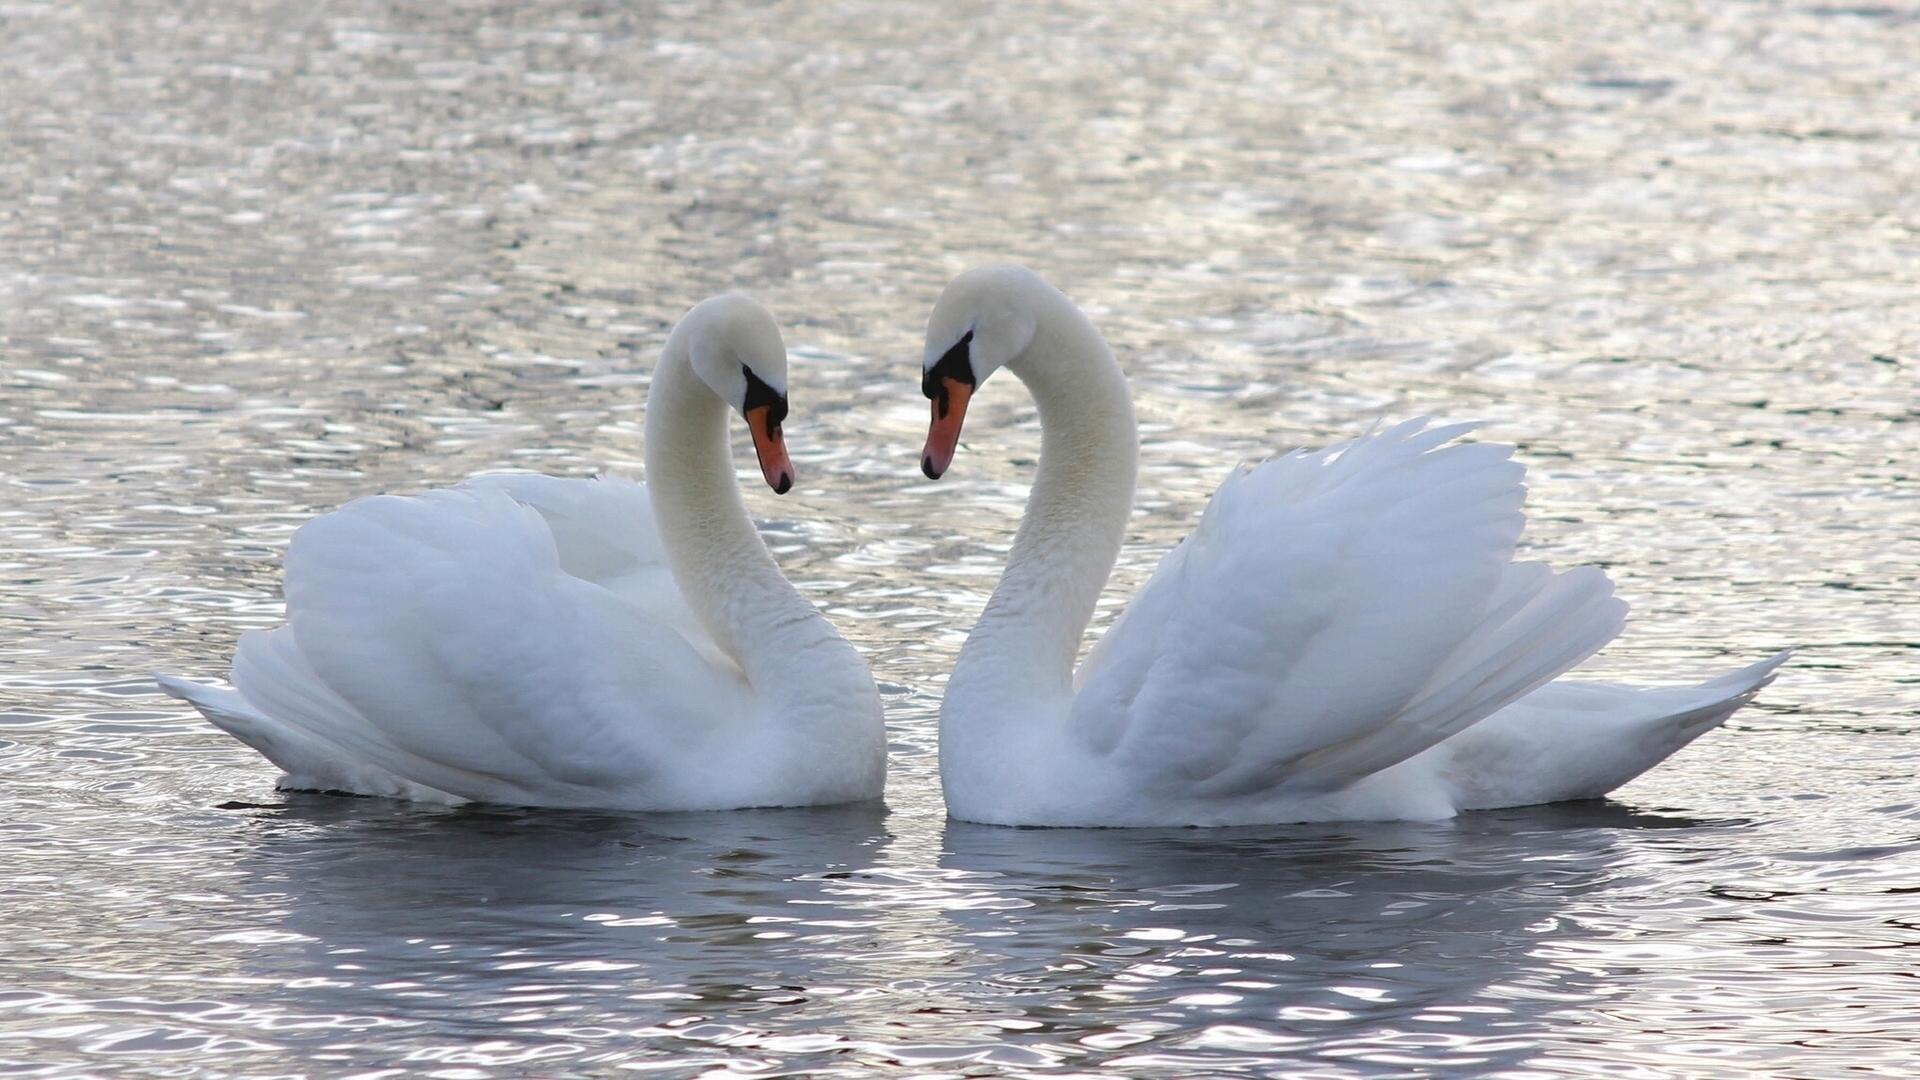 Обои на телефон с лебедями (5)